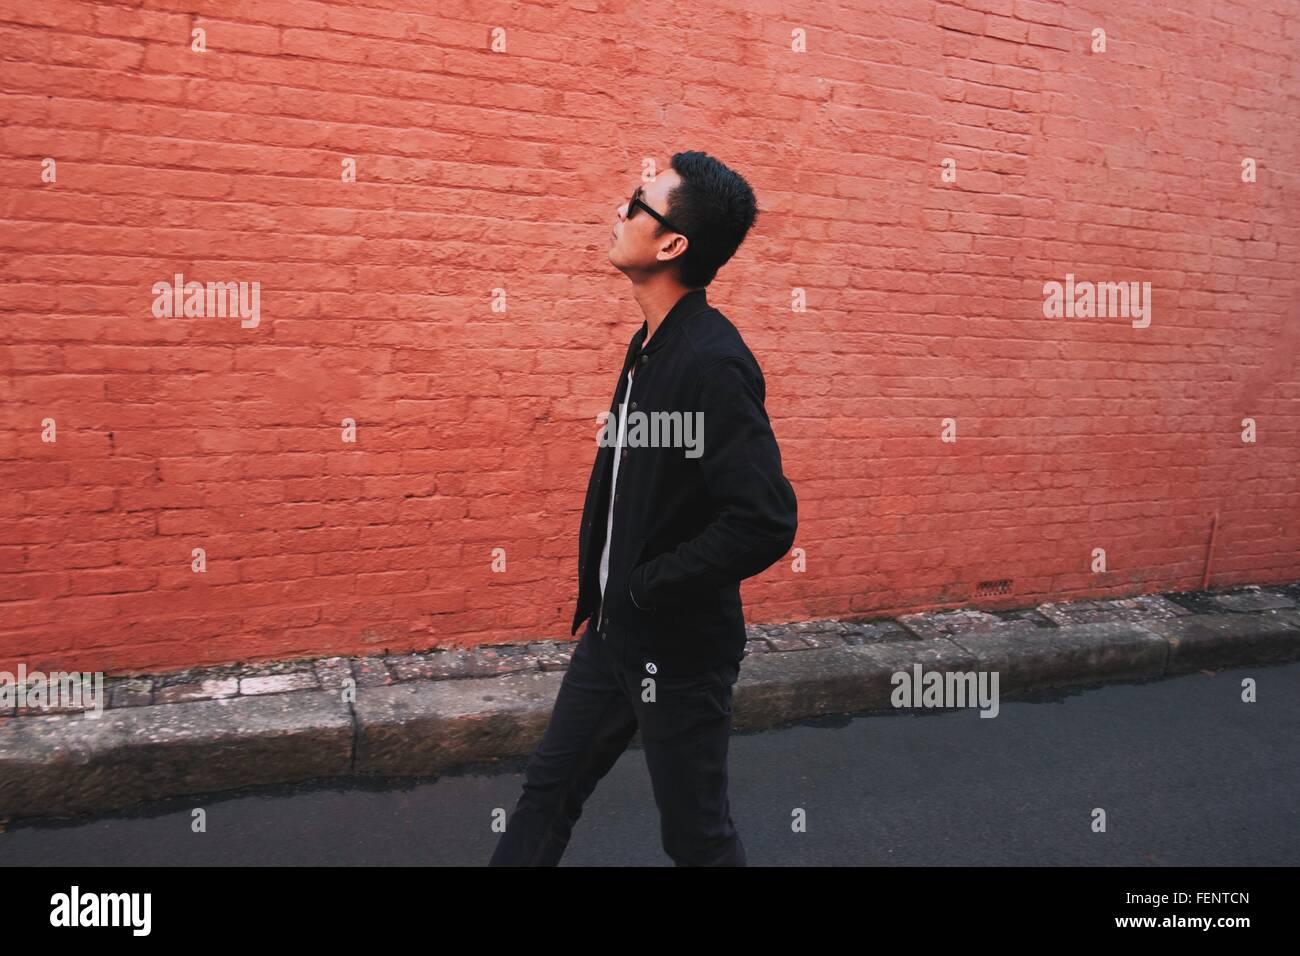 Vista laterale della moda giovane uomo a camminare sulla strada rosso contro un muro di mattoni Immagini Stock